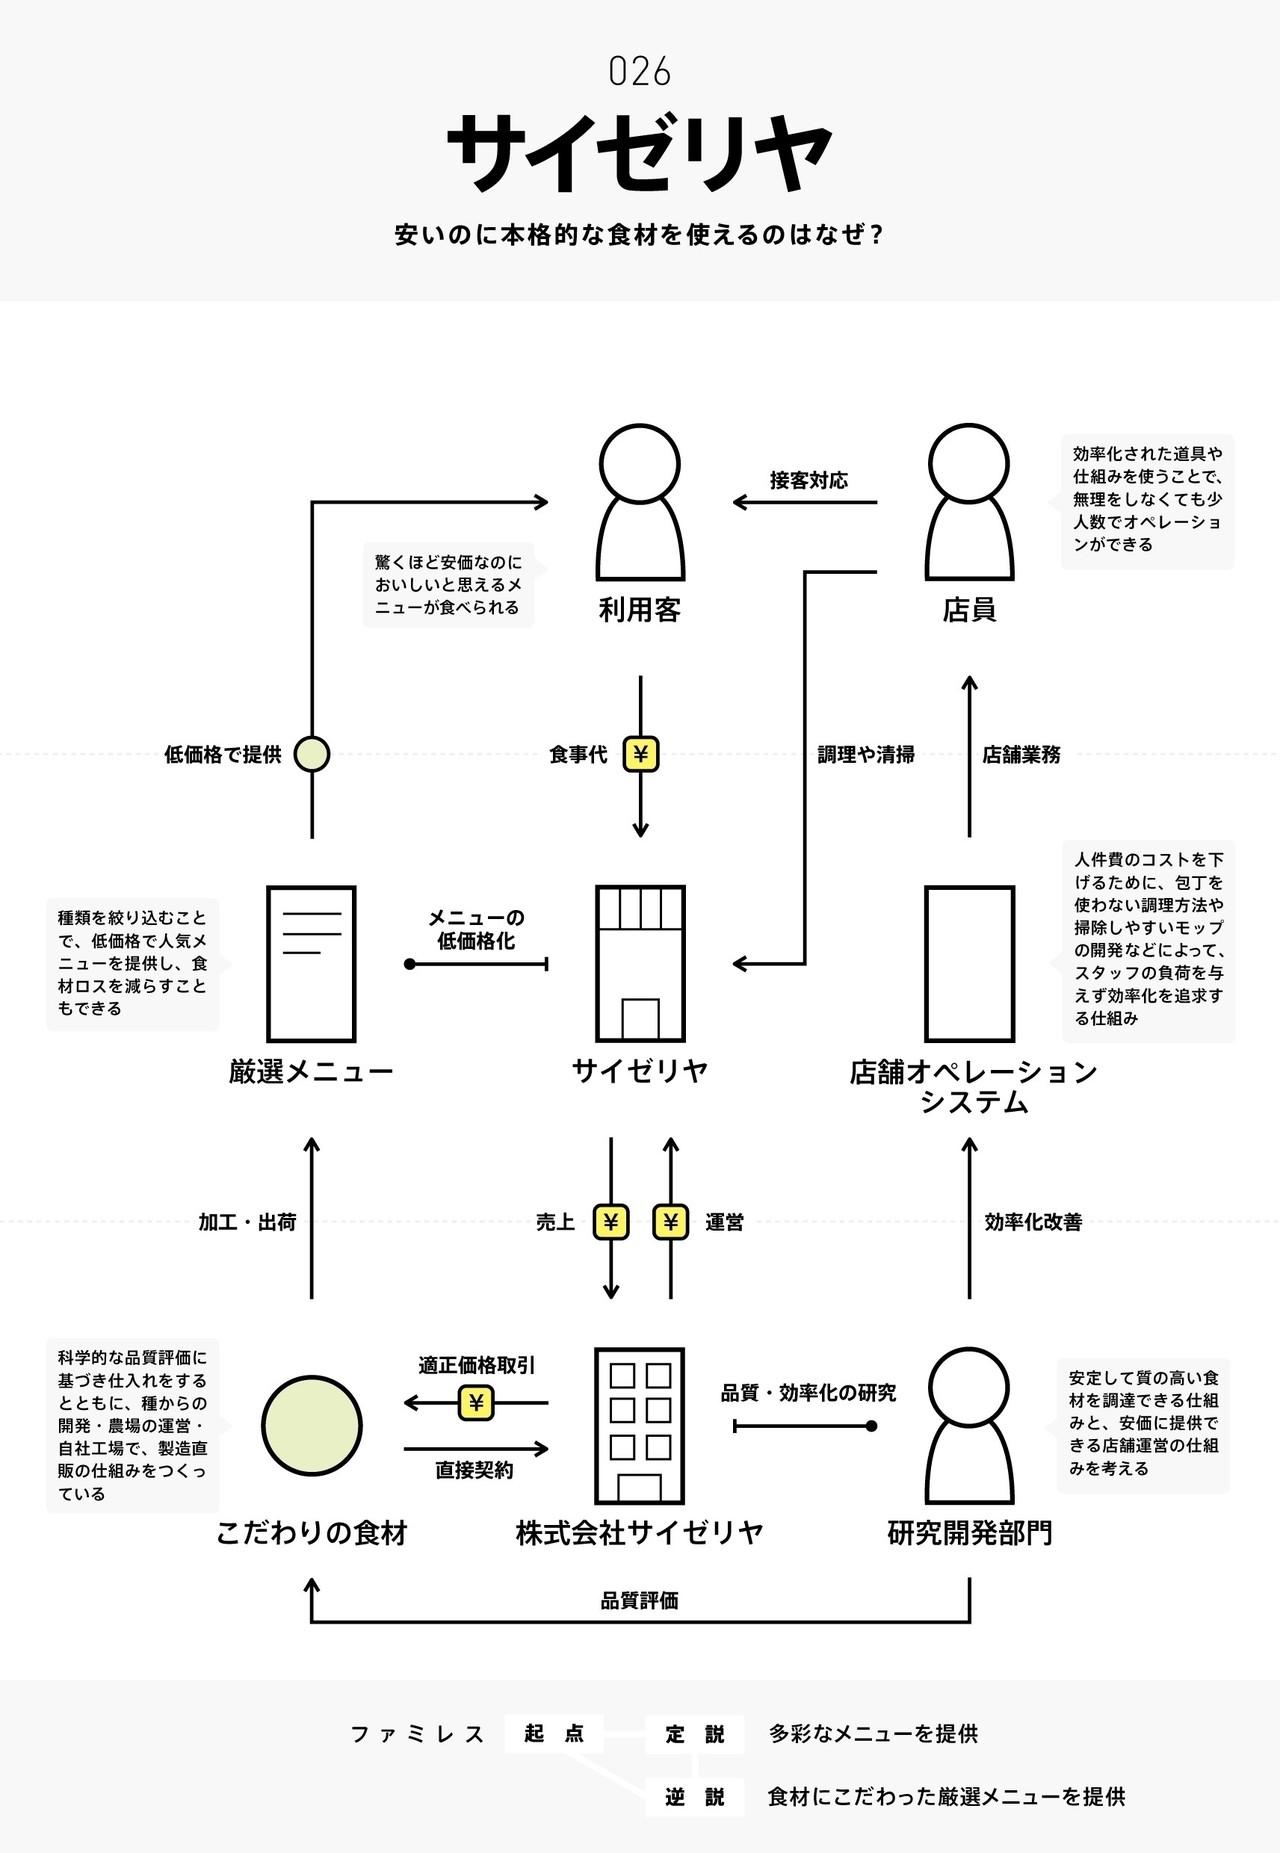 9117284d7b ビジネスモデル2.0図鑑 #全文公開チャレンジ チャーリー note